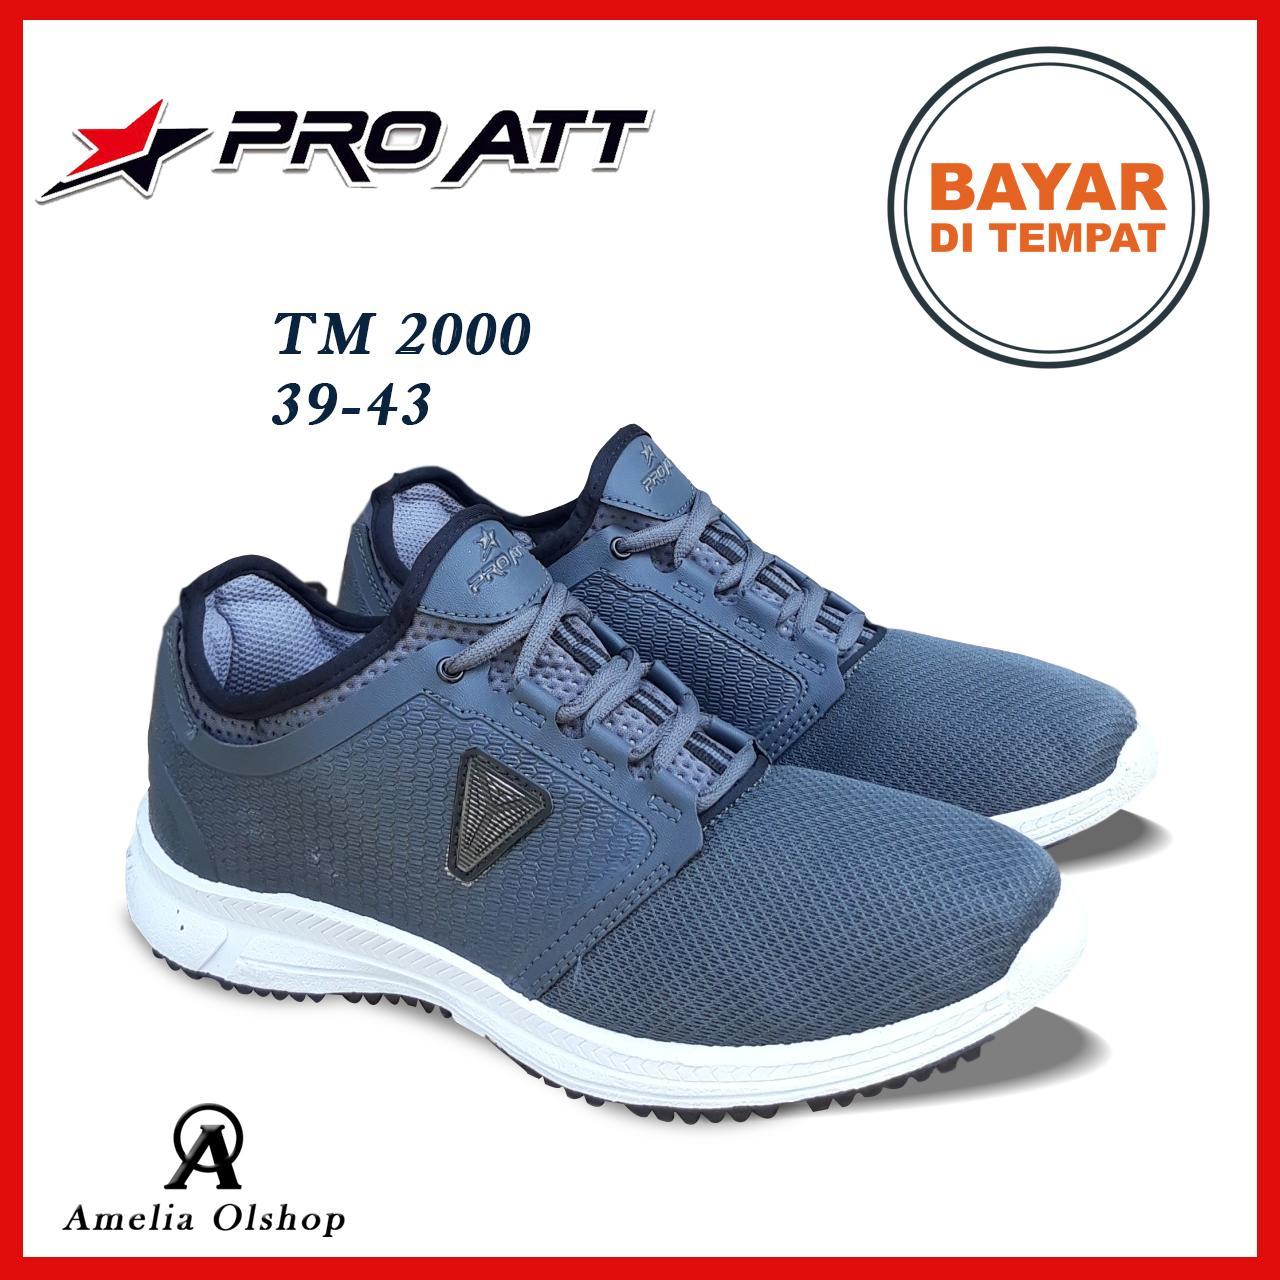 Amelia Olshop - Sepatu PRO ATT TM 2000 39-43 / Sepatu Pria / Sepatu Sneakers Pria / Sepatu Sports Pria / Sepatu Jogging Pria / Sepatu Olahraga Pria